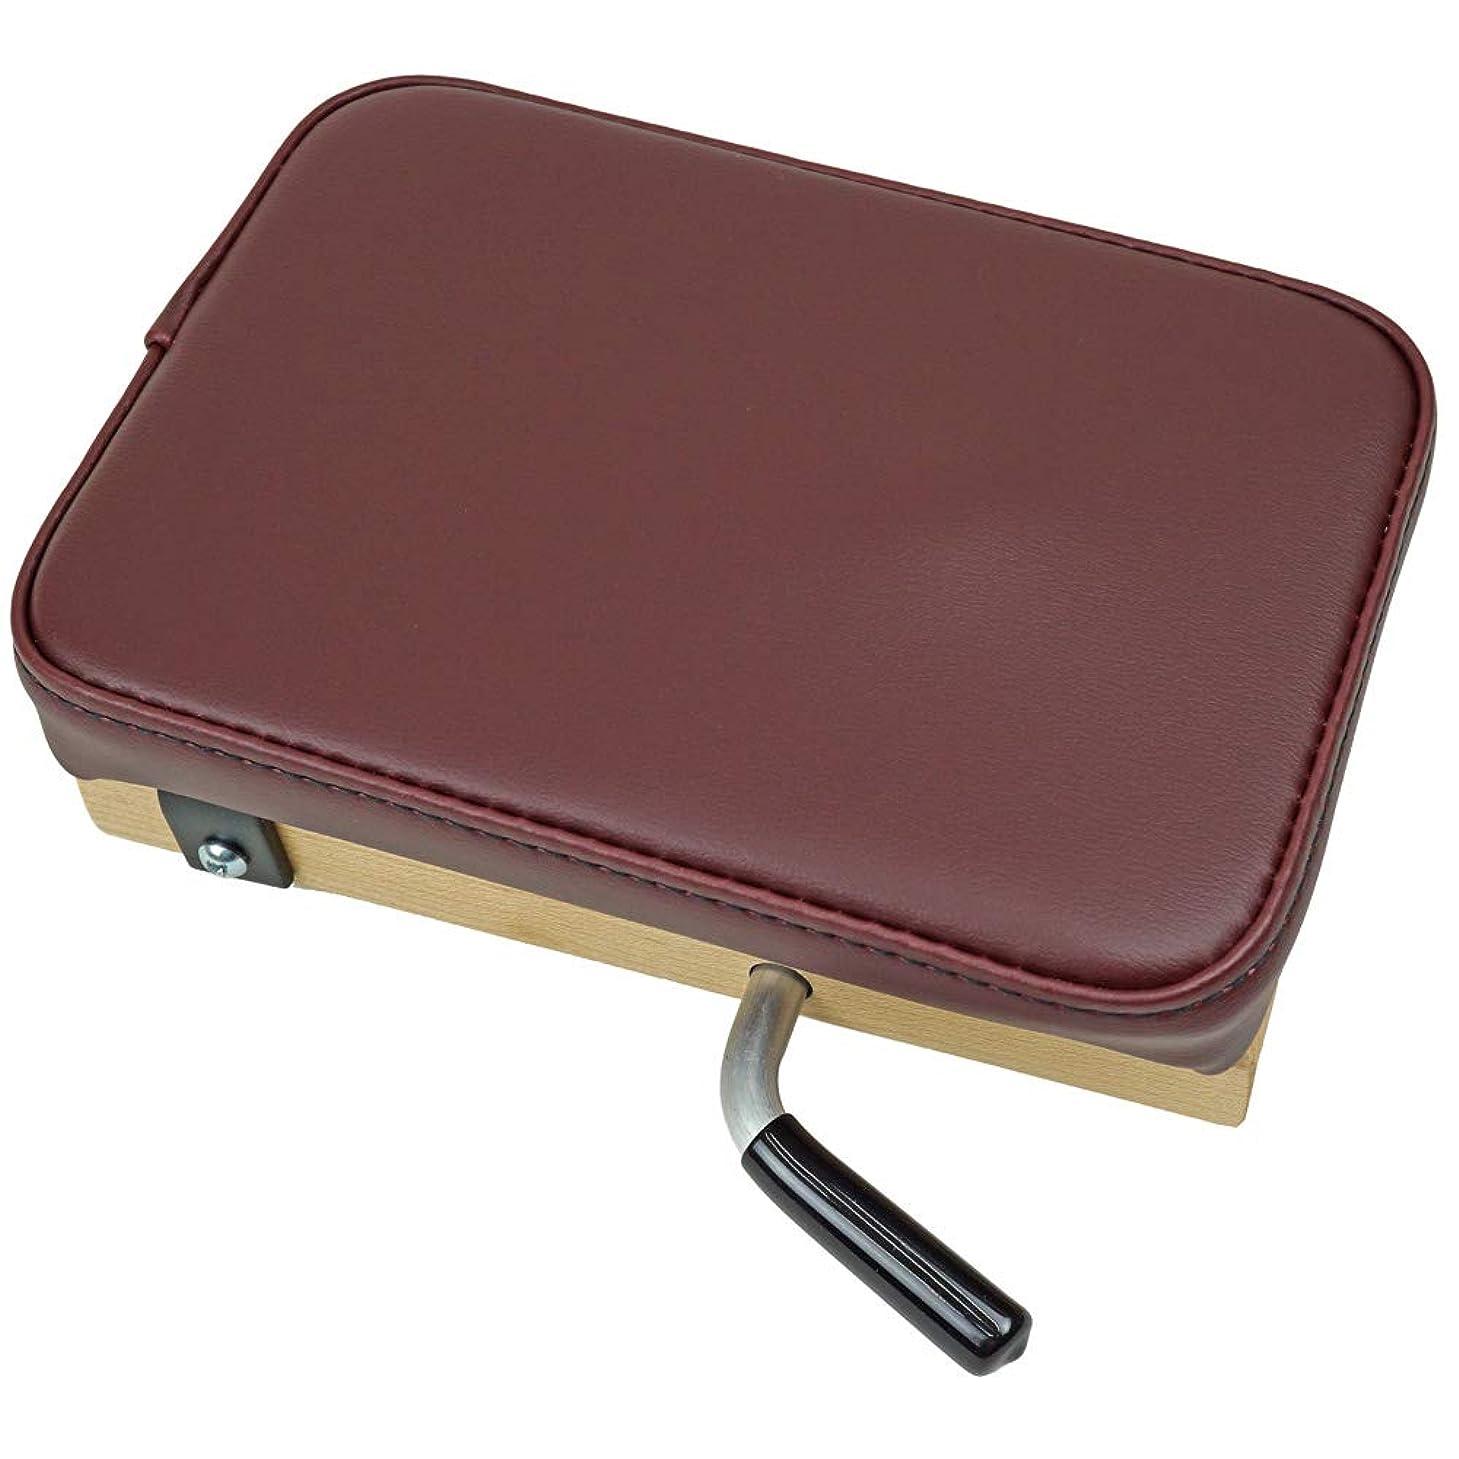 通知ブラウンボタンTHULI TABLE (ツゥーリテーブル) スピーダーボード クッション内に 棘突起 に似せた突起があり テクニックの 学習用に